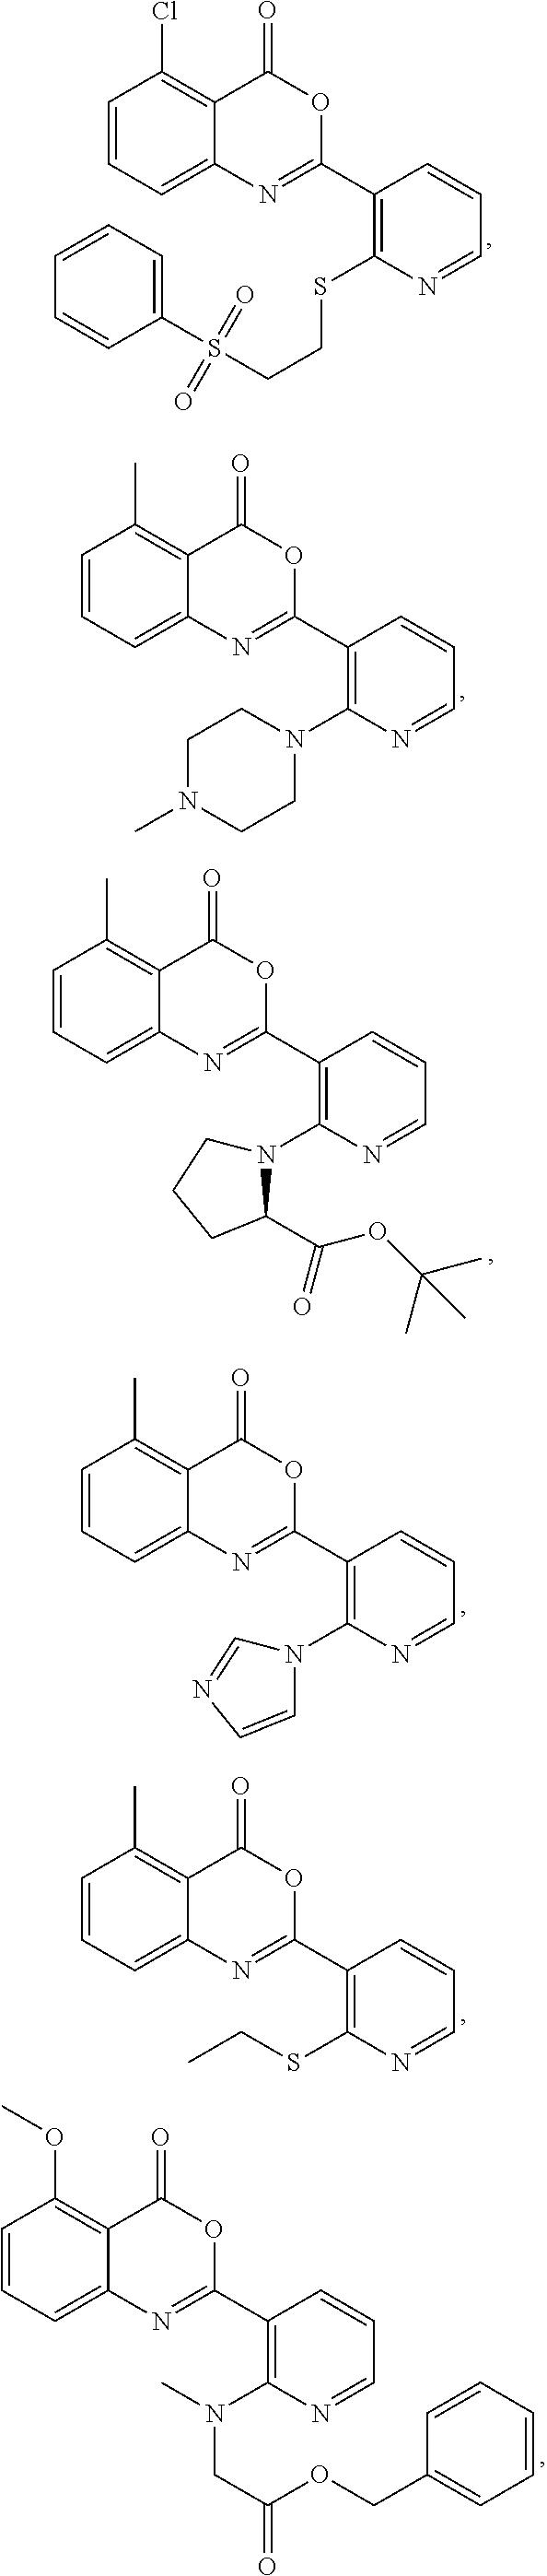 Figure US07879846-20110201-C00377